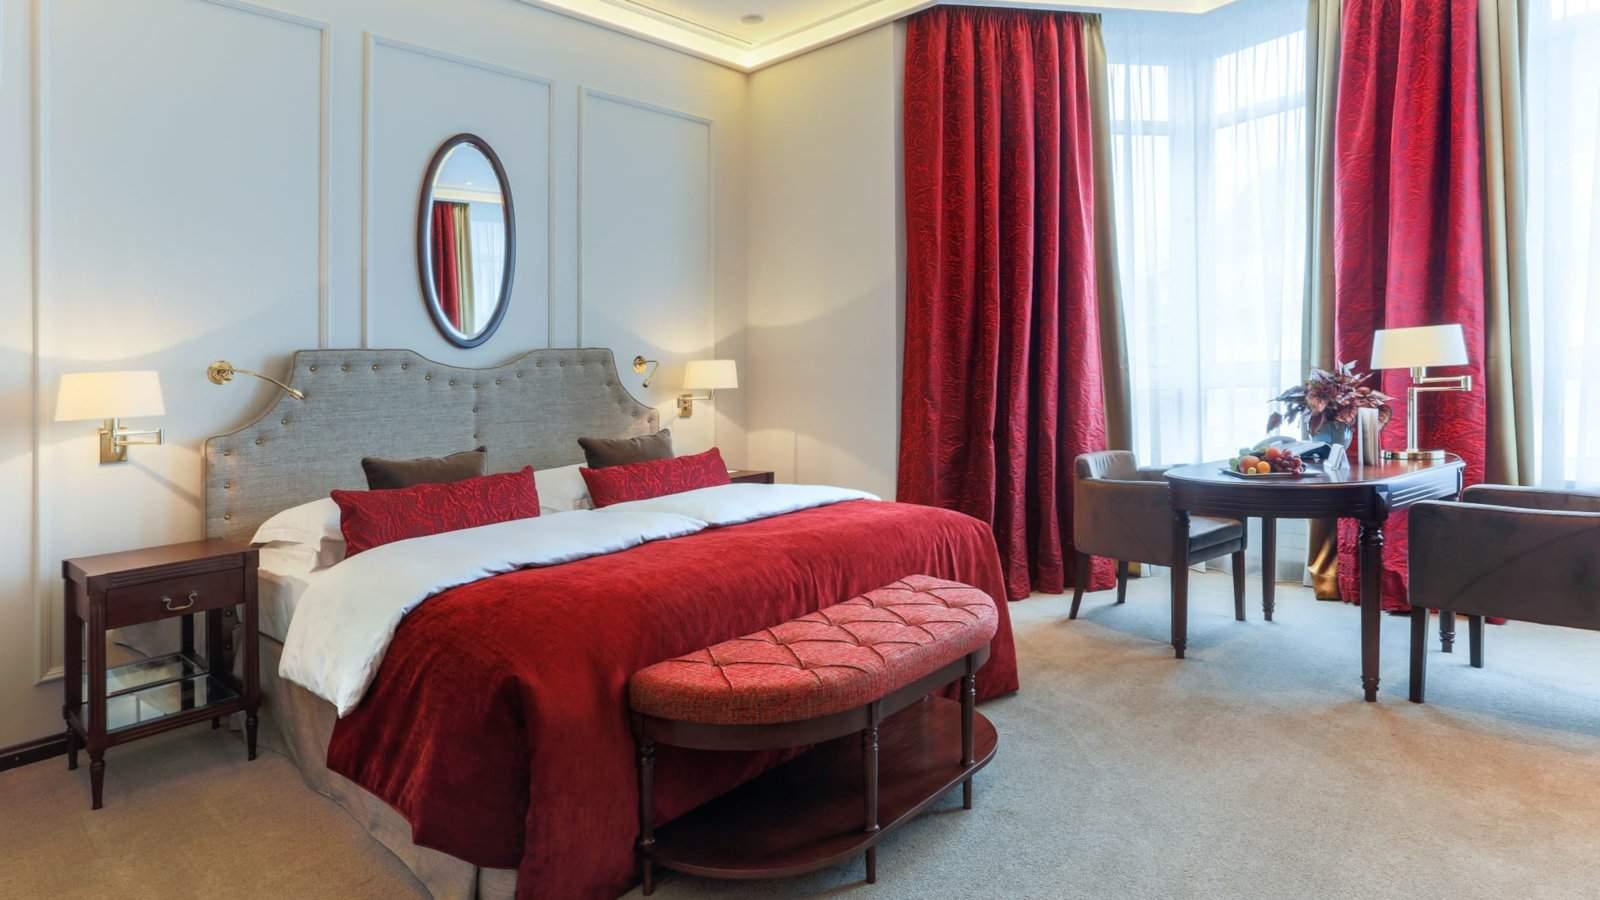 L'hôtel Excelsior à Cologne est à la fois magnifiquement luxueux et très gay friendly